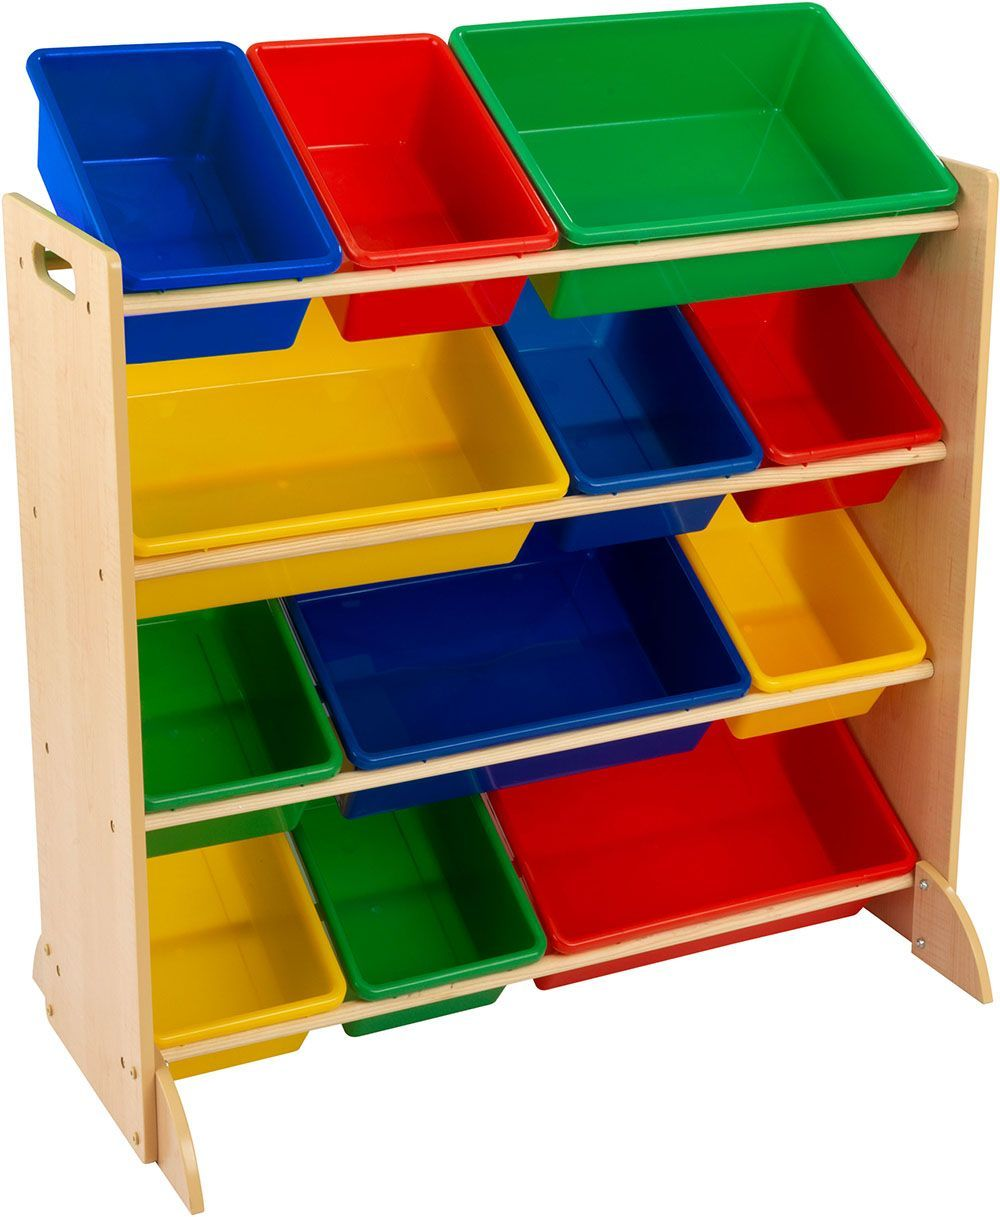 meuble de rangement en bois 12 bacs pour enfant. Black Bedroom Furniture Sets. Home Design Ideas